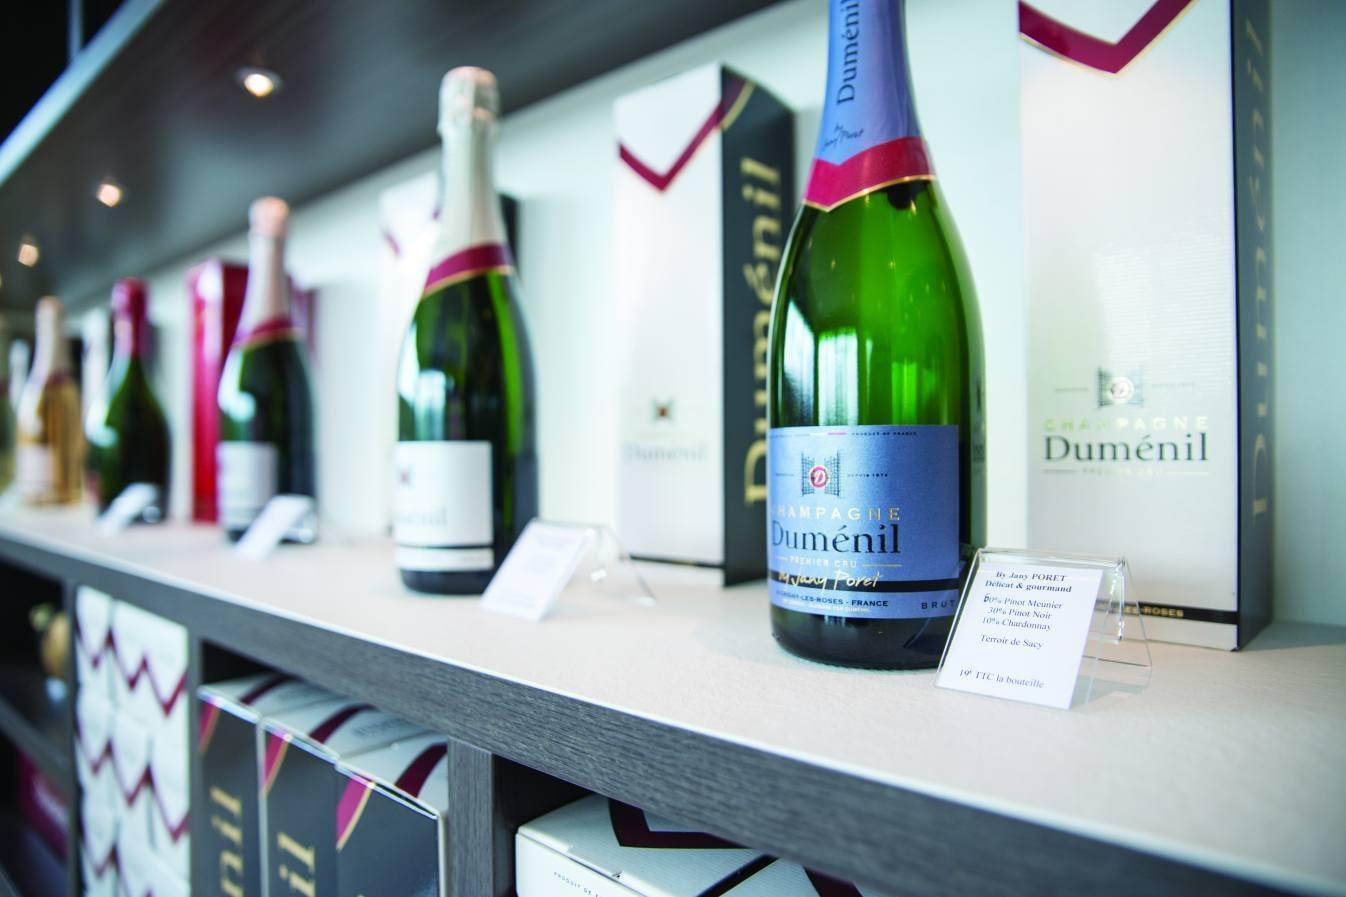 galerie-champagne-dumenil-1er-cru-202